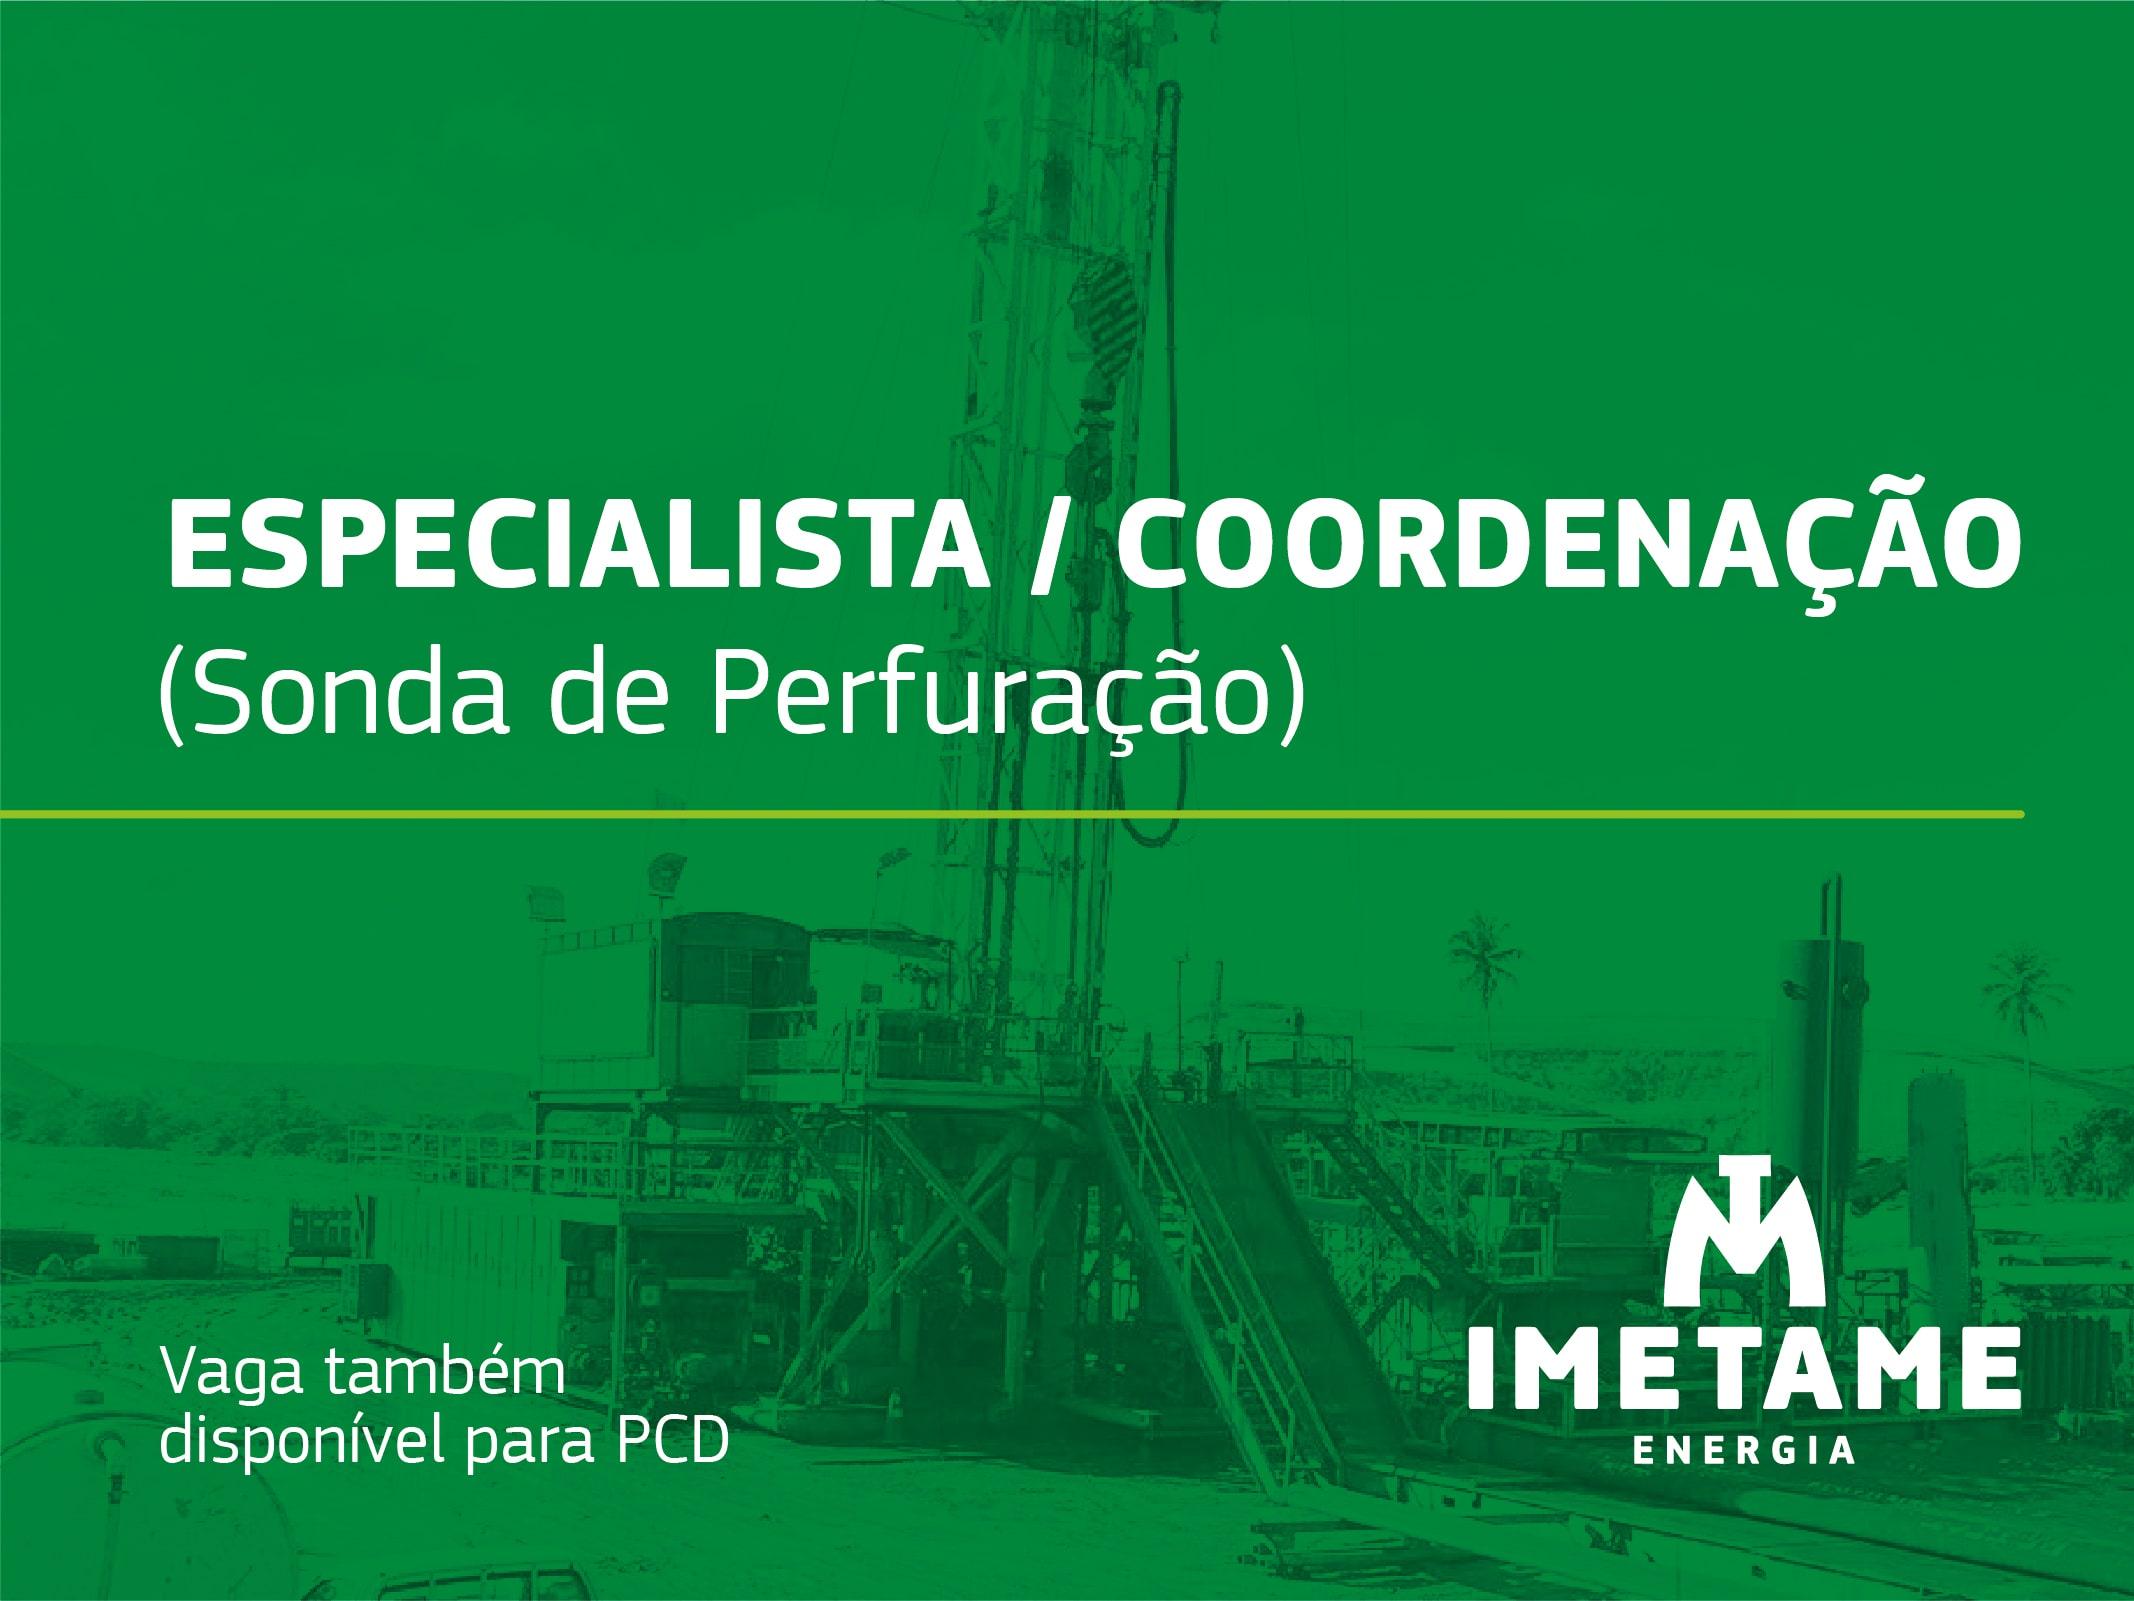 Especialista / Coordenação – Sonda de perfuração